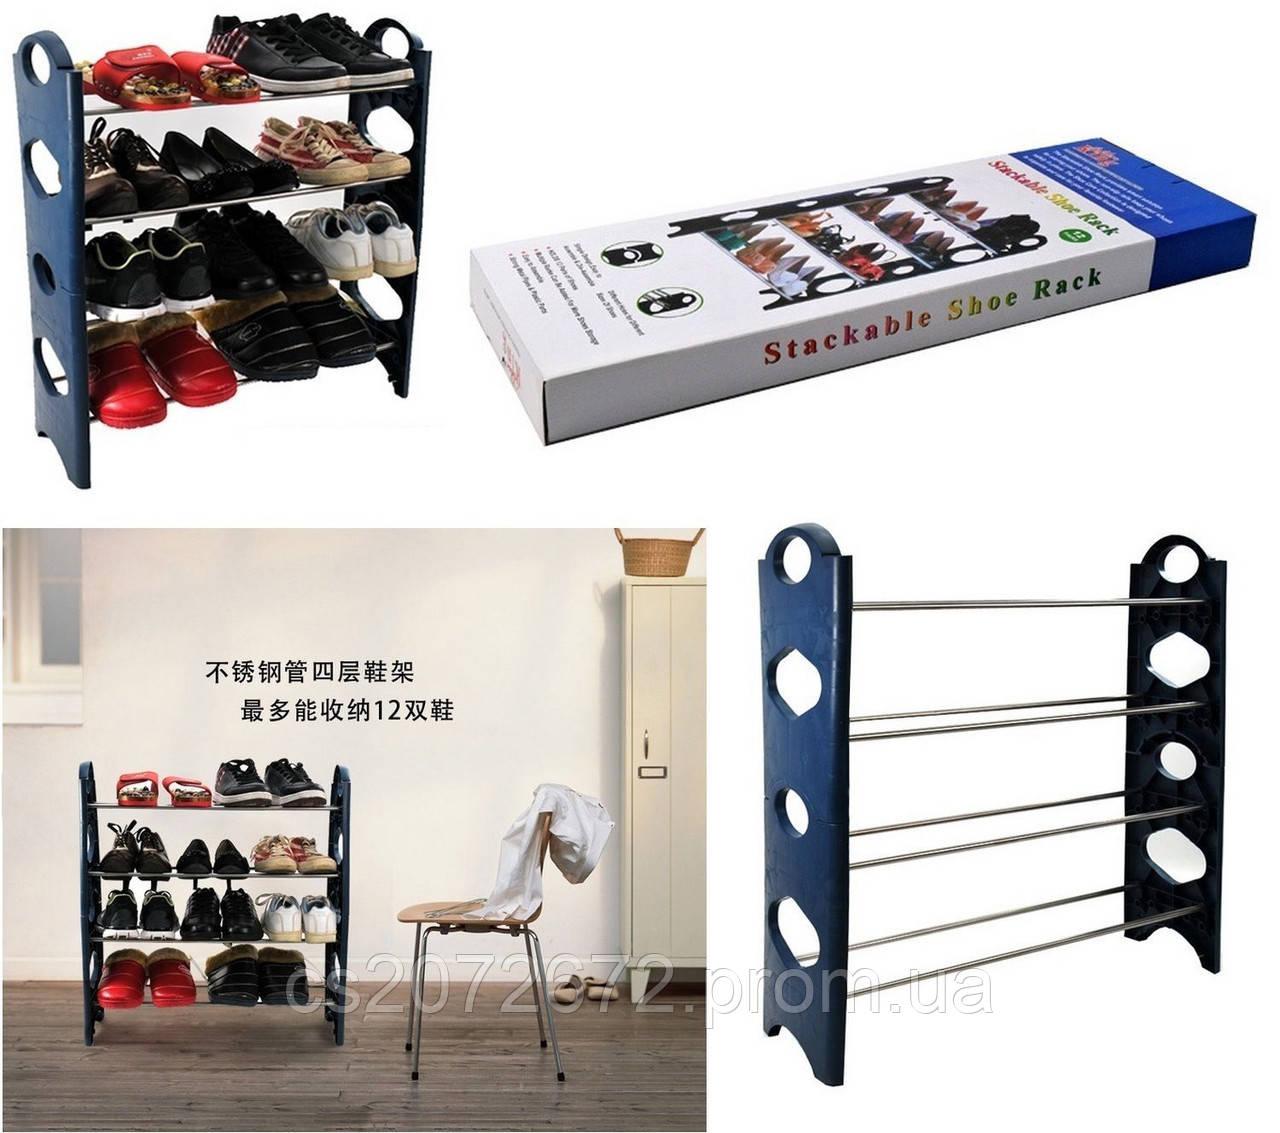 Стойка для обуви Stackable Shoe Rack, 4 полки